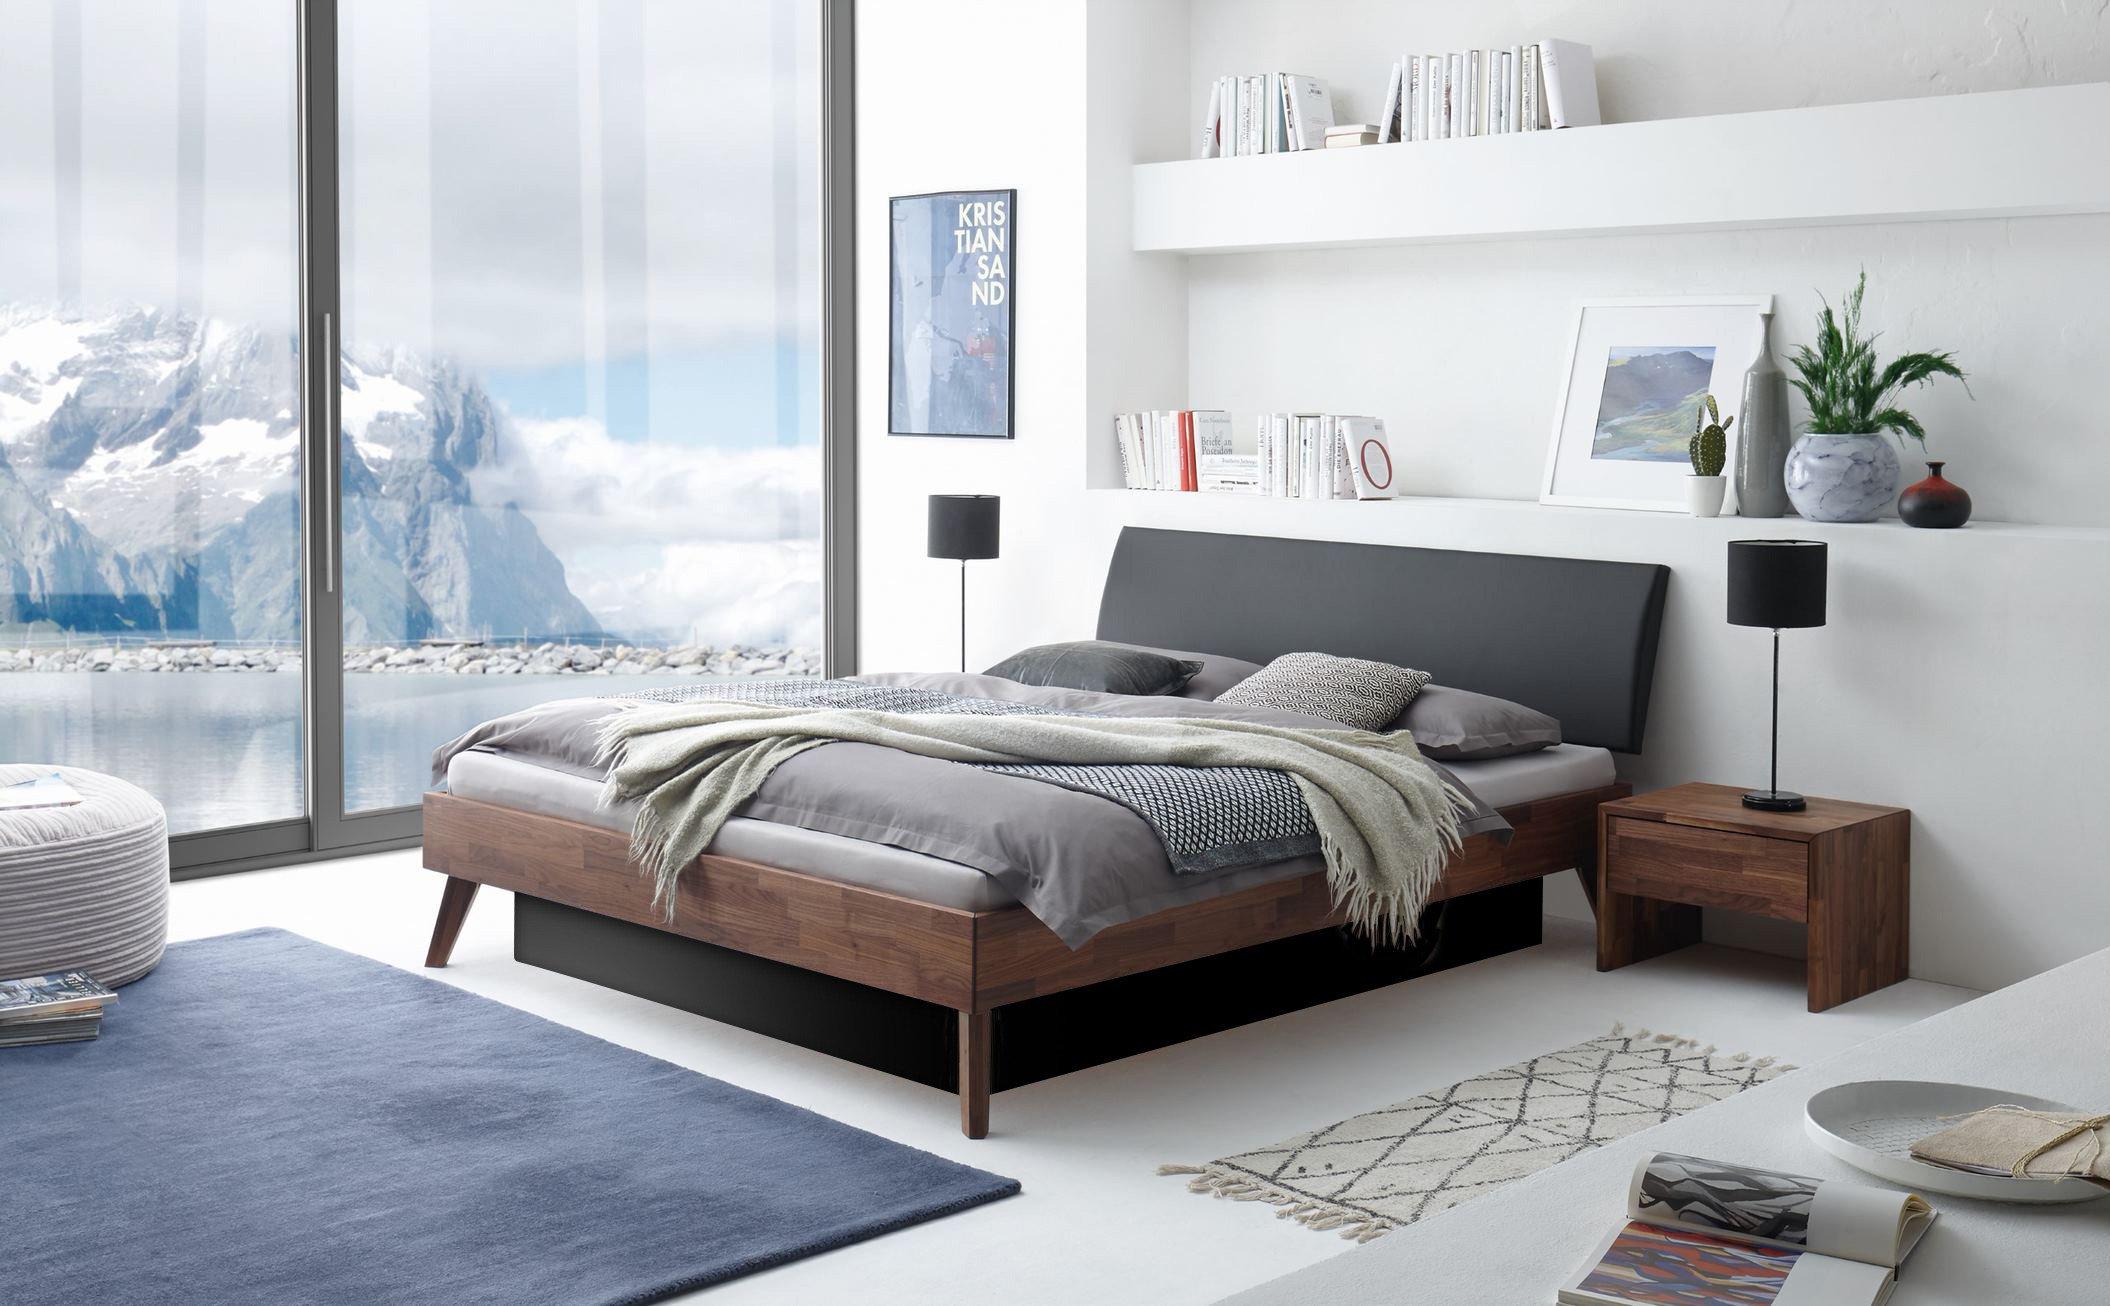 Wasserbett Essential   In normales Bett einbauen